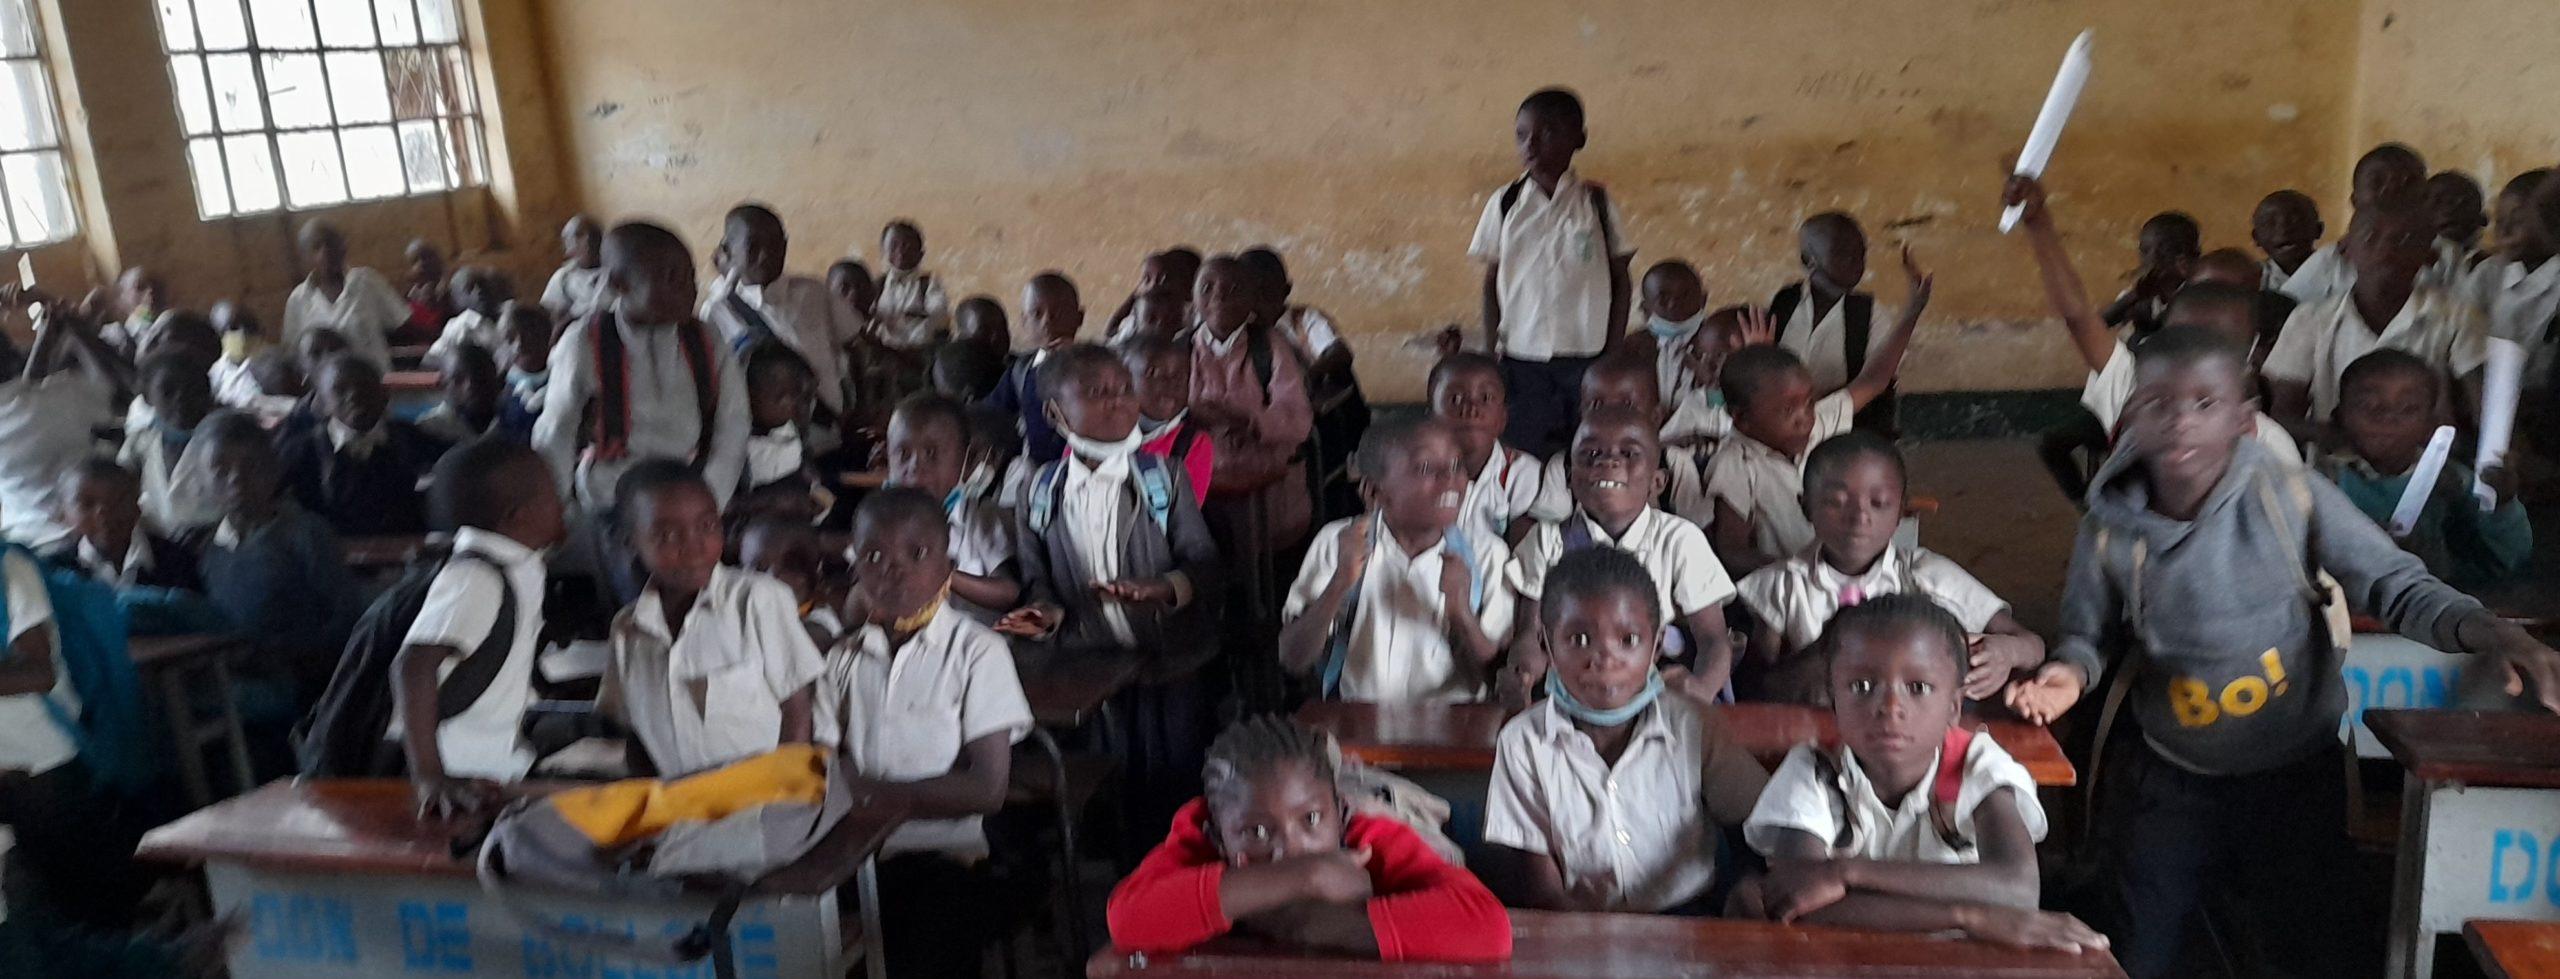 Les élèves dans la salle de classe de l'EP Kabwe à Kipushi